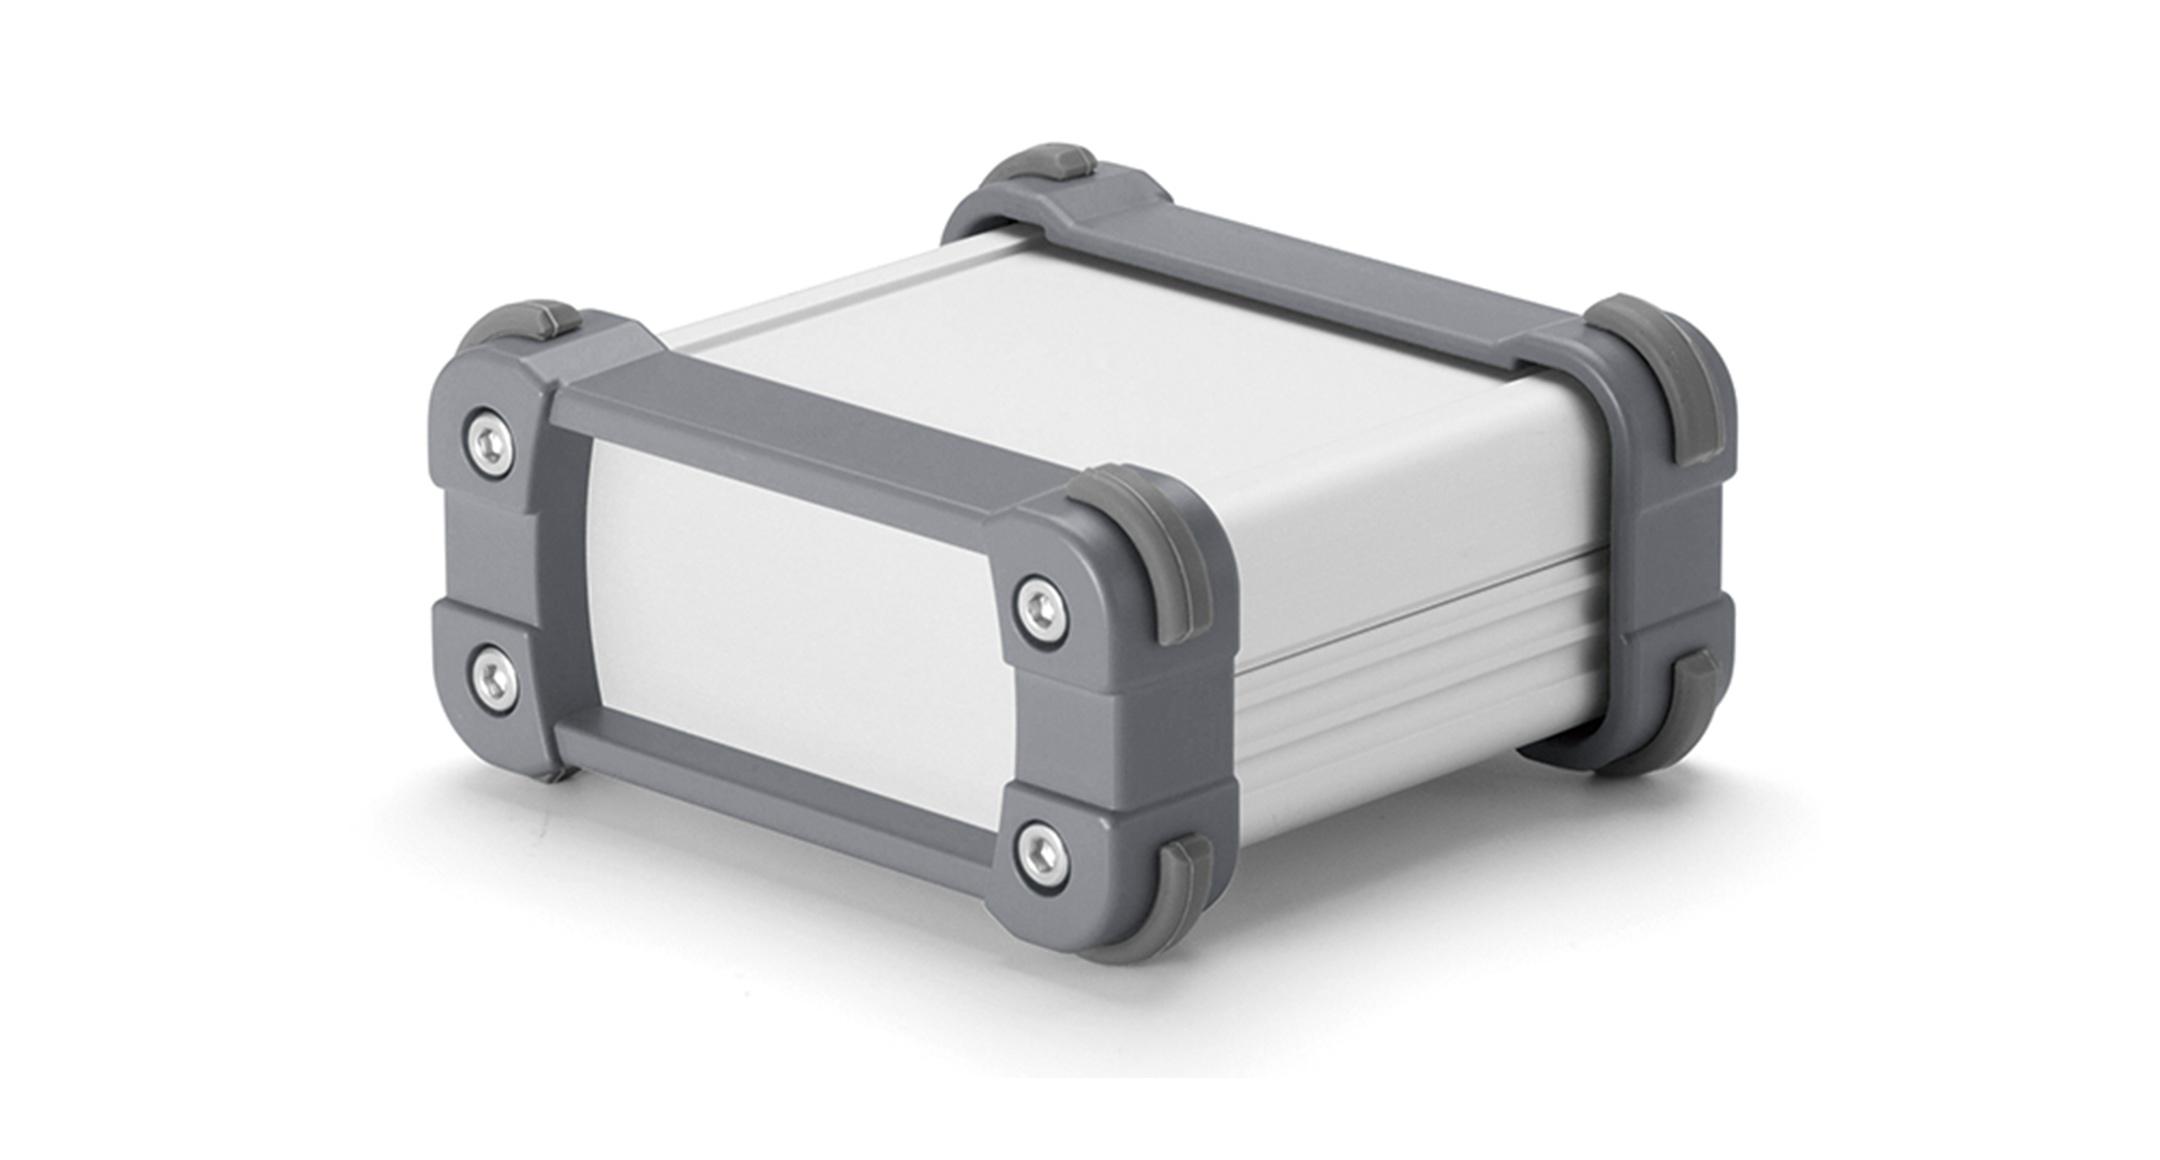 EMCシールド コーナーガード付ケース EXPEシリーズ:シルバー/グレーの画像